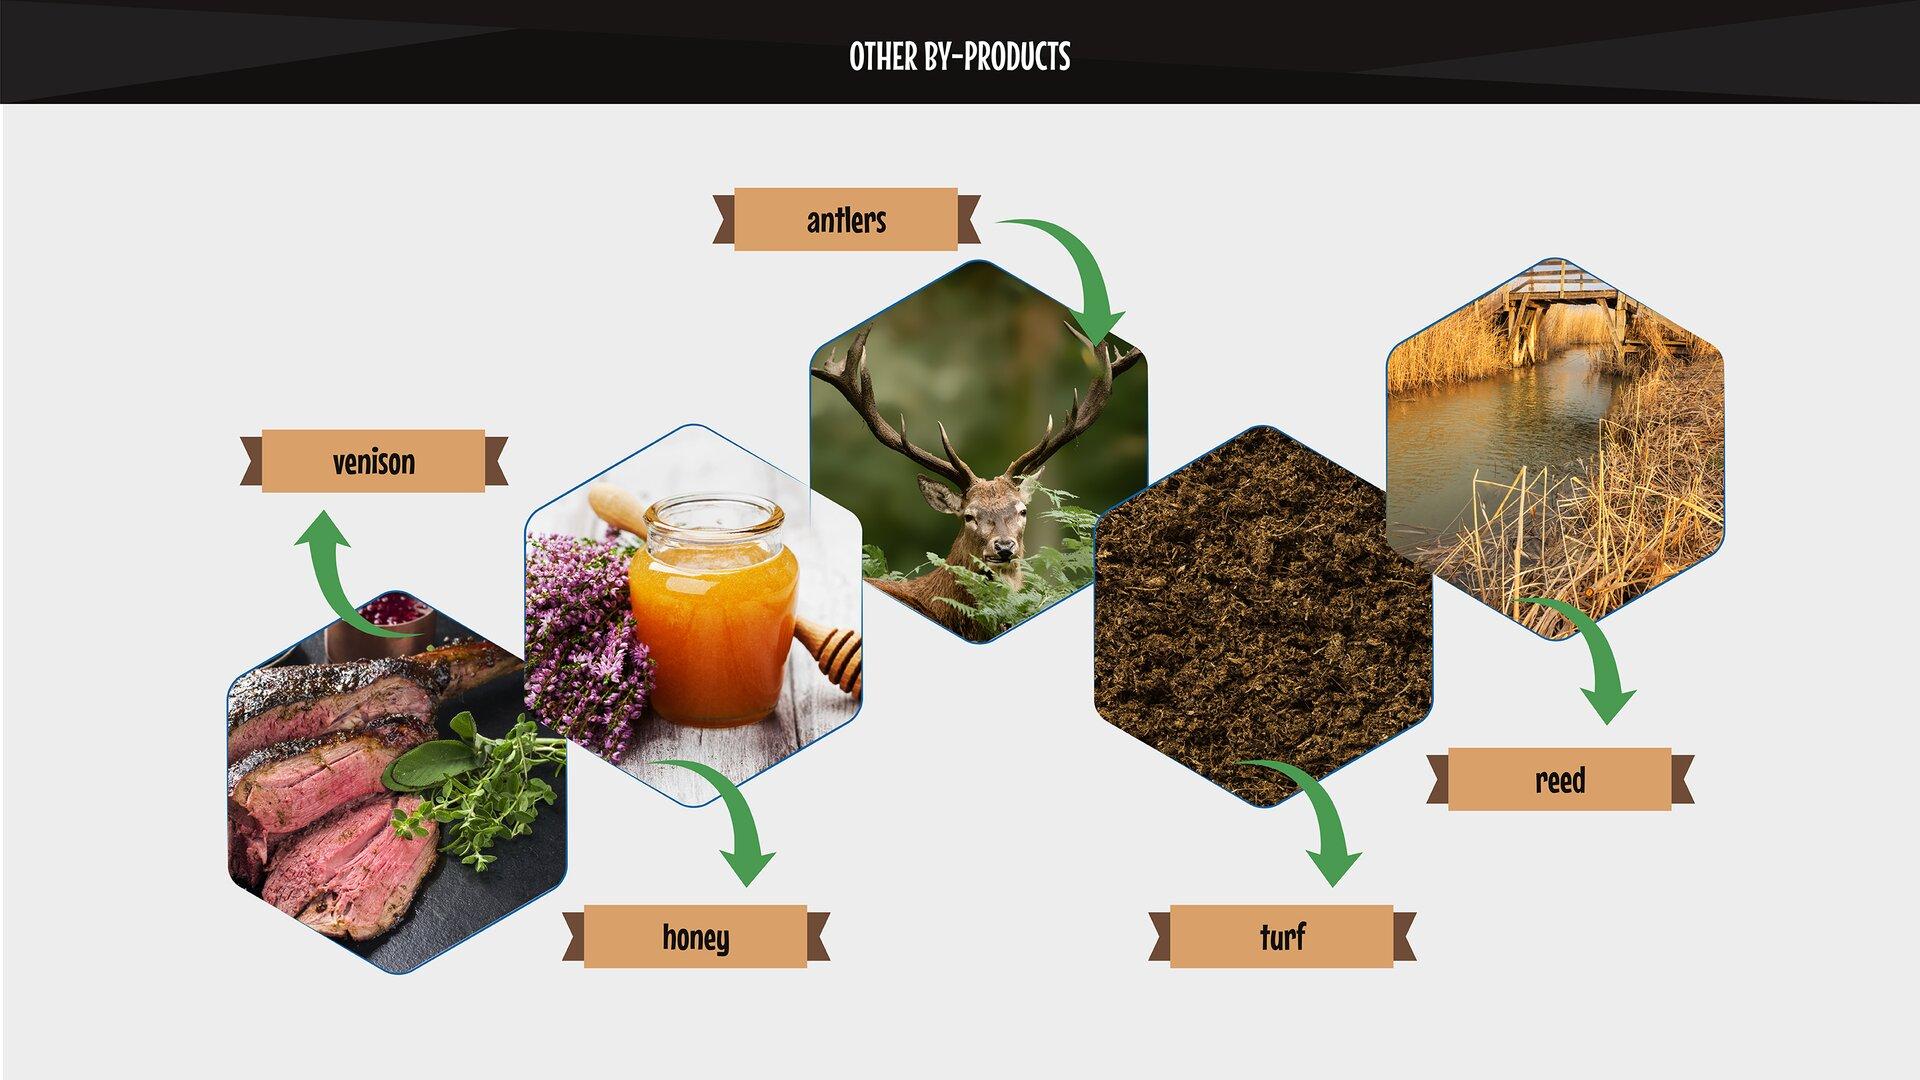 The photo presents other by-products: venison, honey, antlers, turf, reed. Grafika przedstawia inne użytki uboczne - dziczyzna, miód, poroże, torf, trzcina.